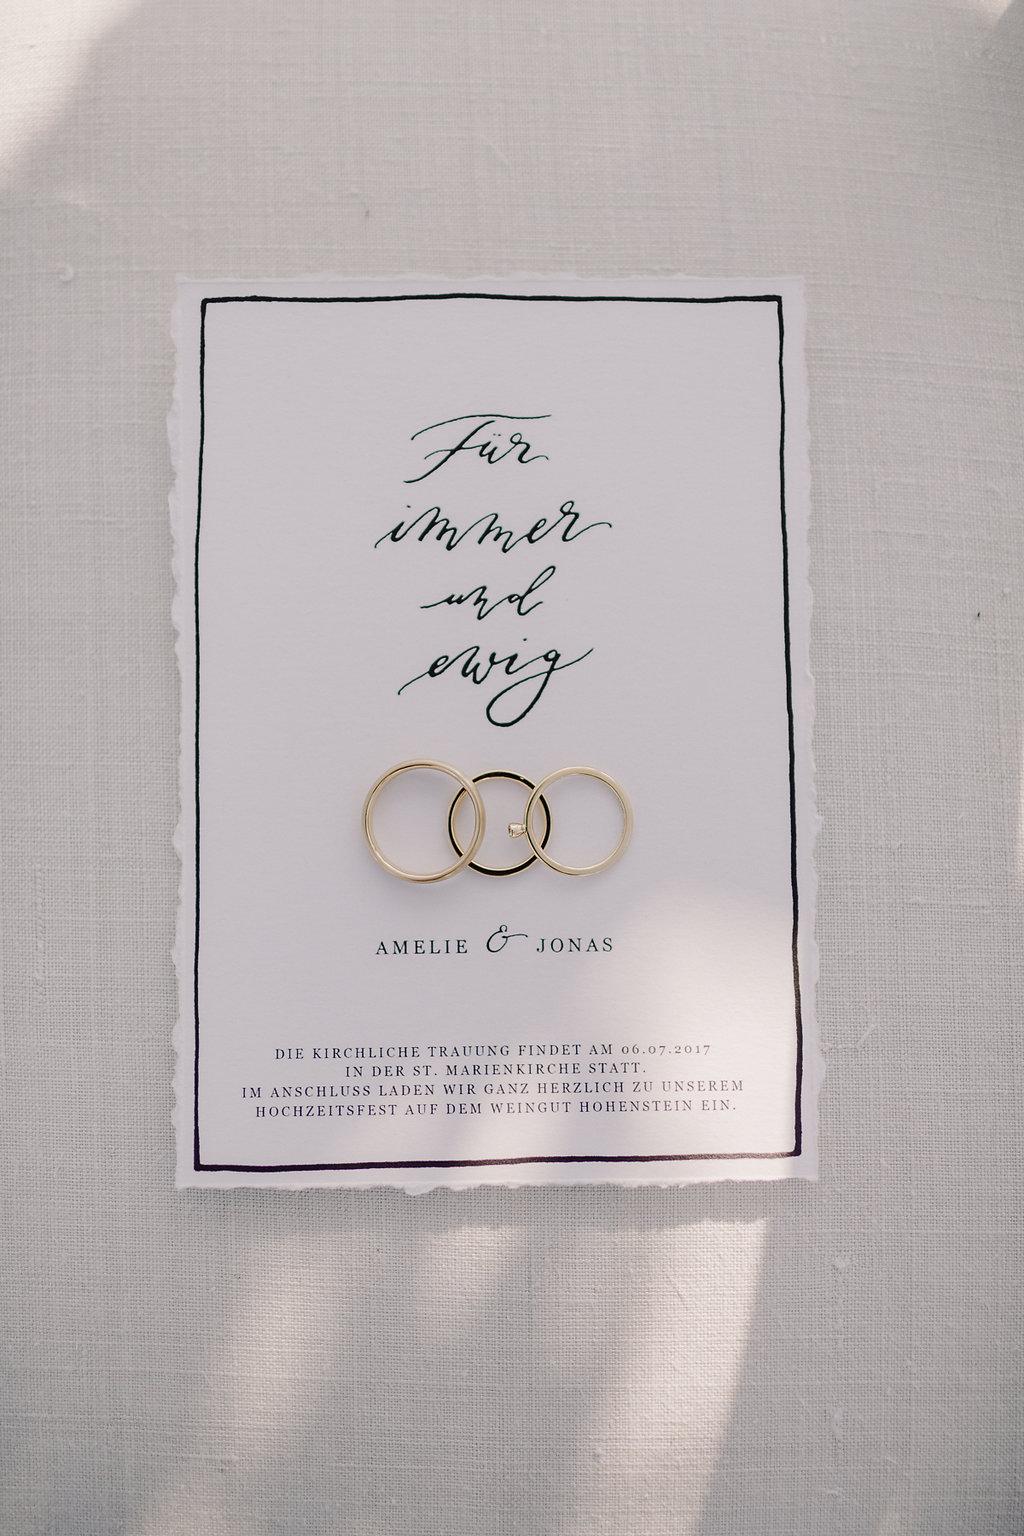 Einladungskarte Für immer und ewig download Hochzeit